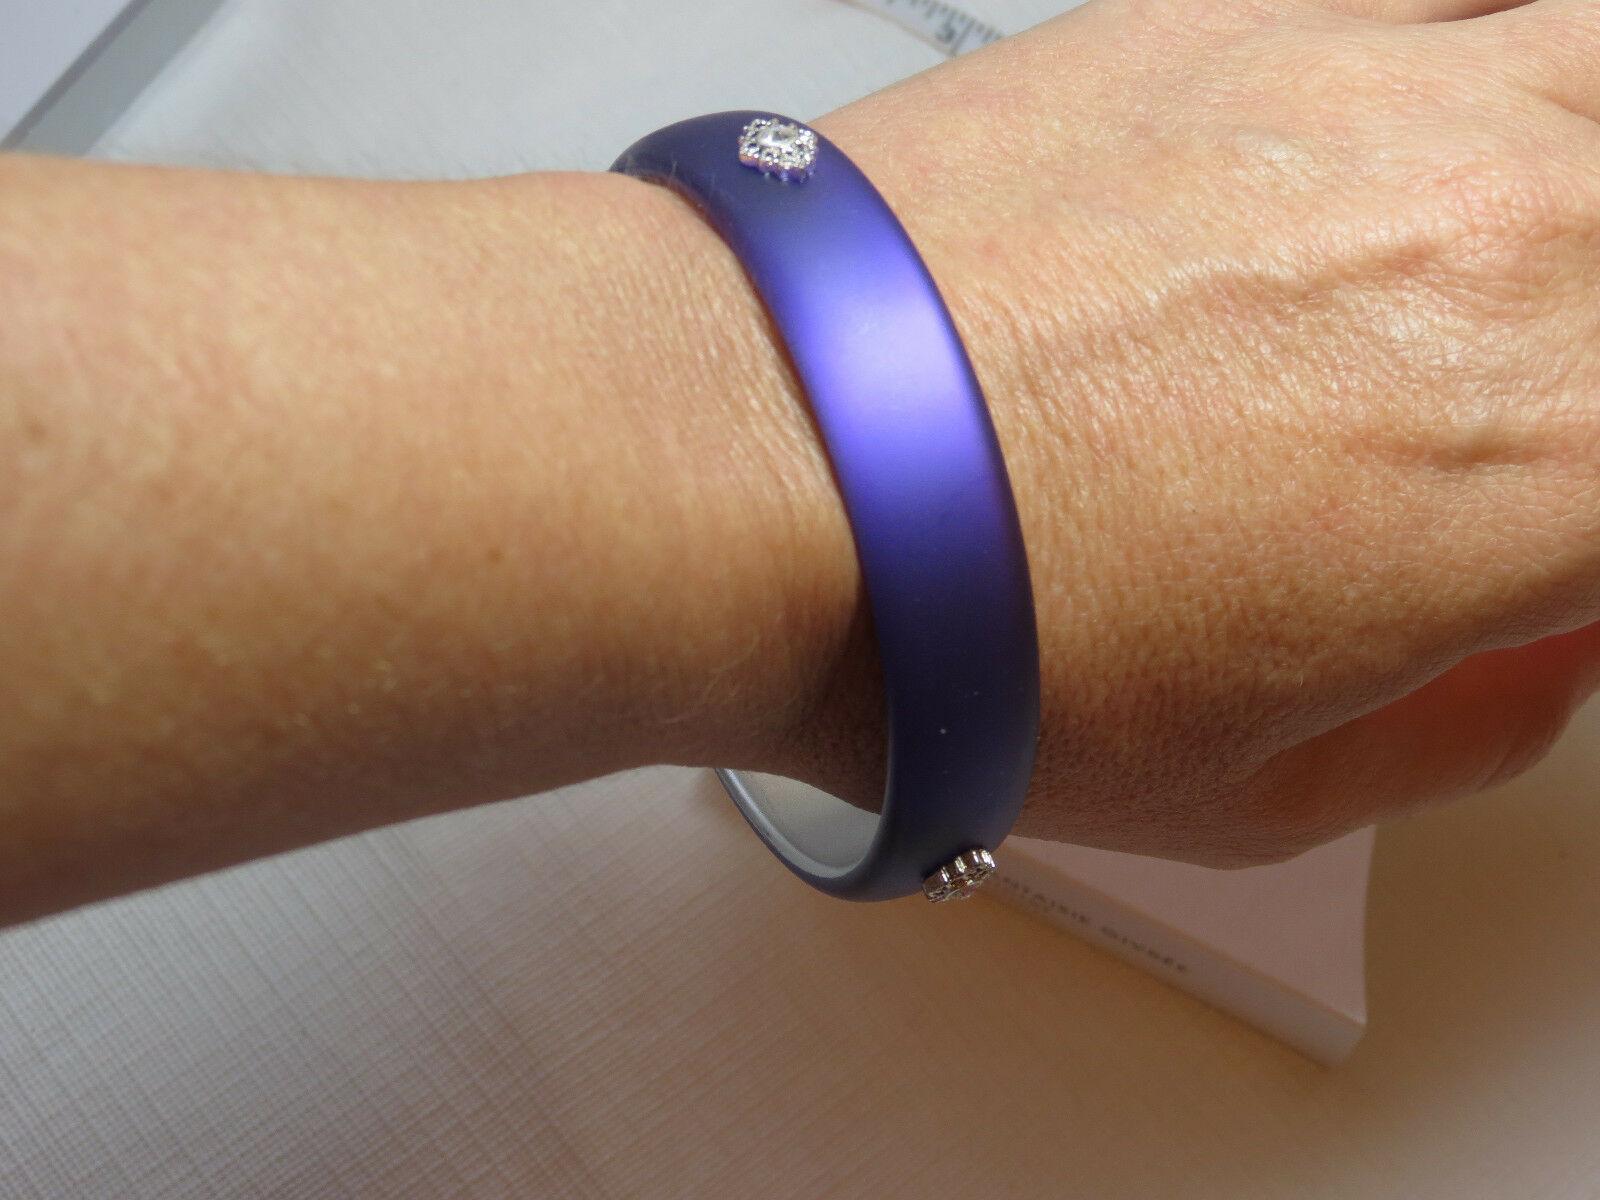 Damen Avon Mattiert Verziert Armreif Armband Violett F3646531 Nip image 2